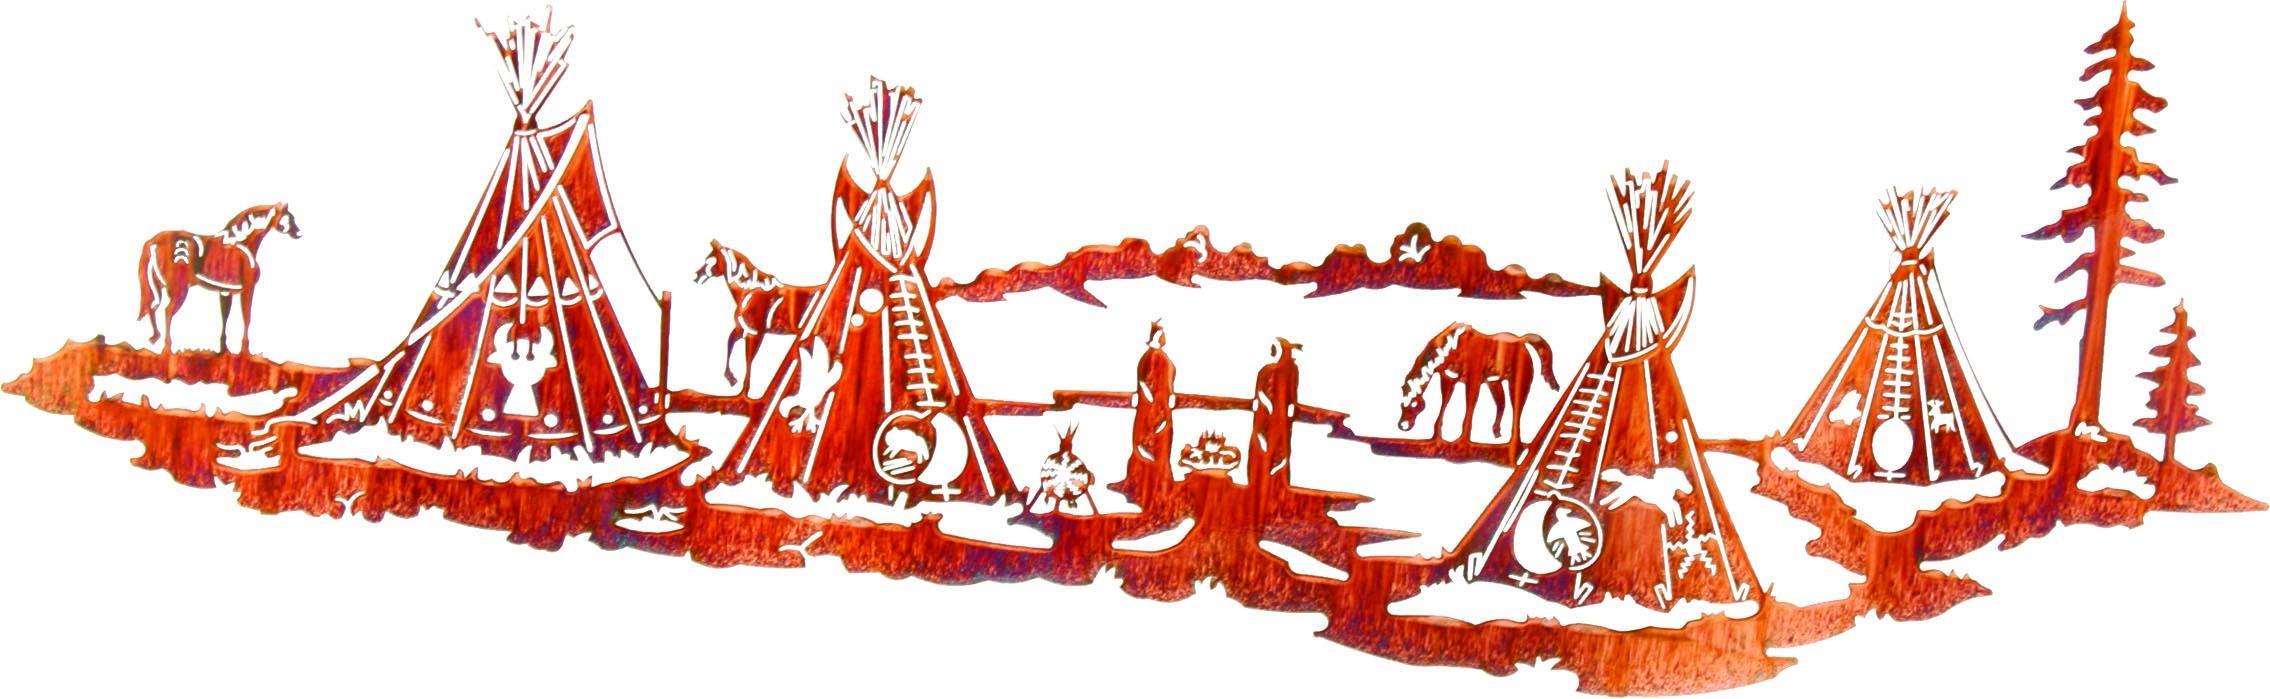 Nightfall (Indian Village)Lazart – Sanger Metal Art And Gifts Regarding Lazart Metal Art (View 17 of 20)